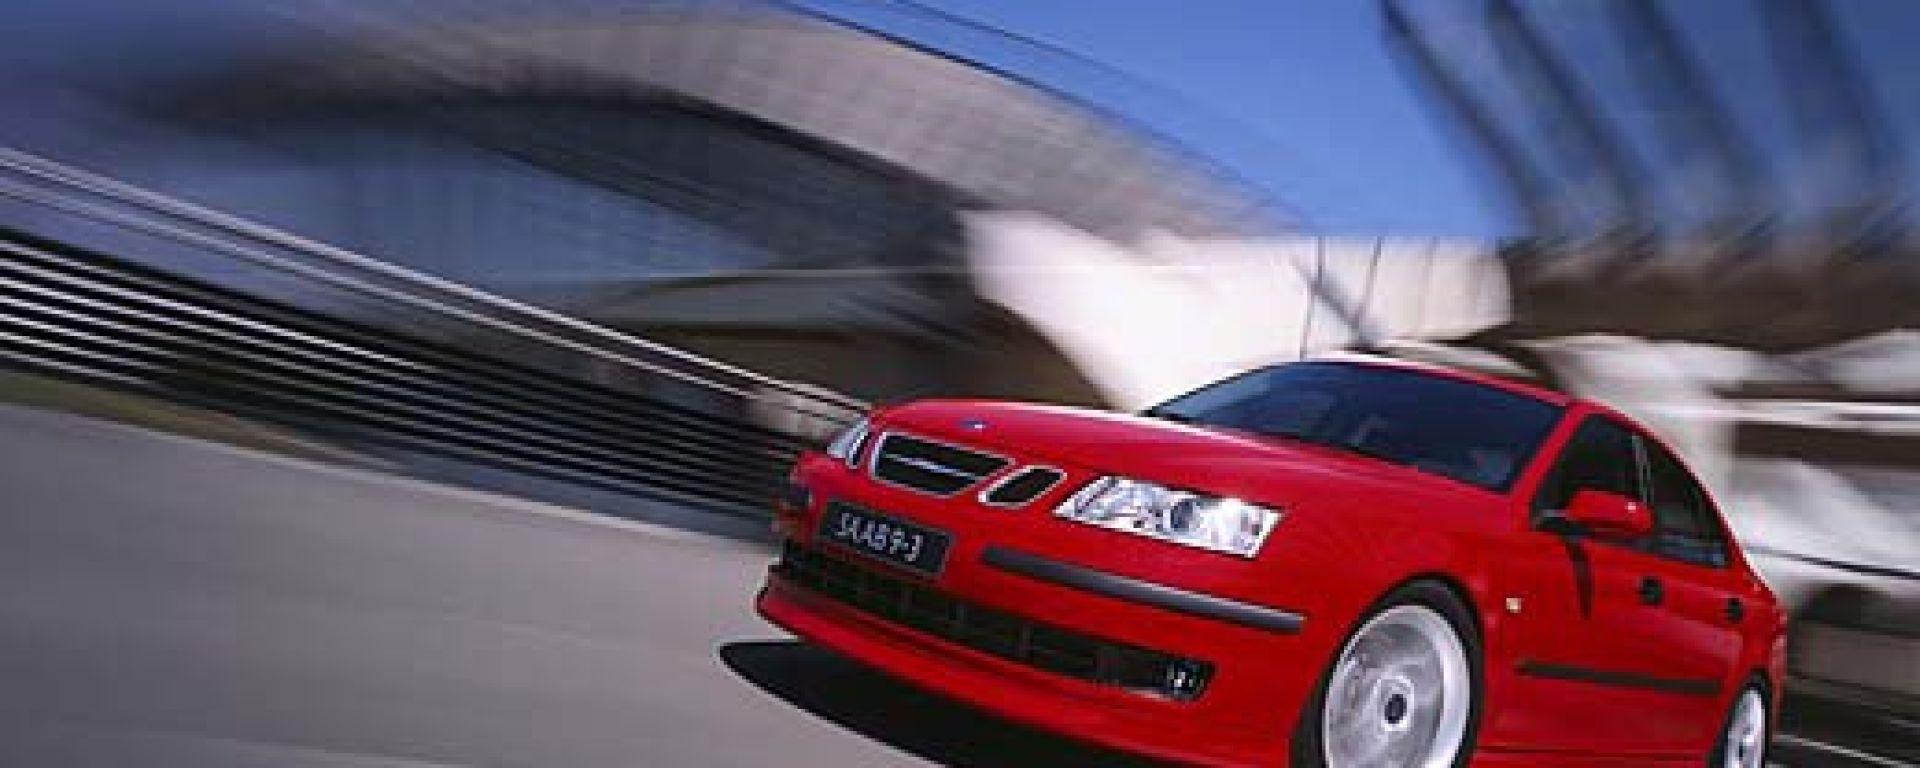 Anteprima: Saab 9-3 1.9 TiD